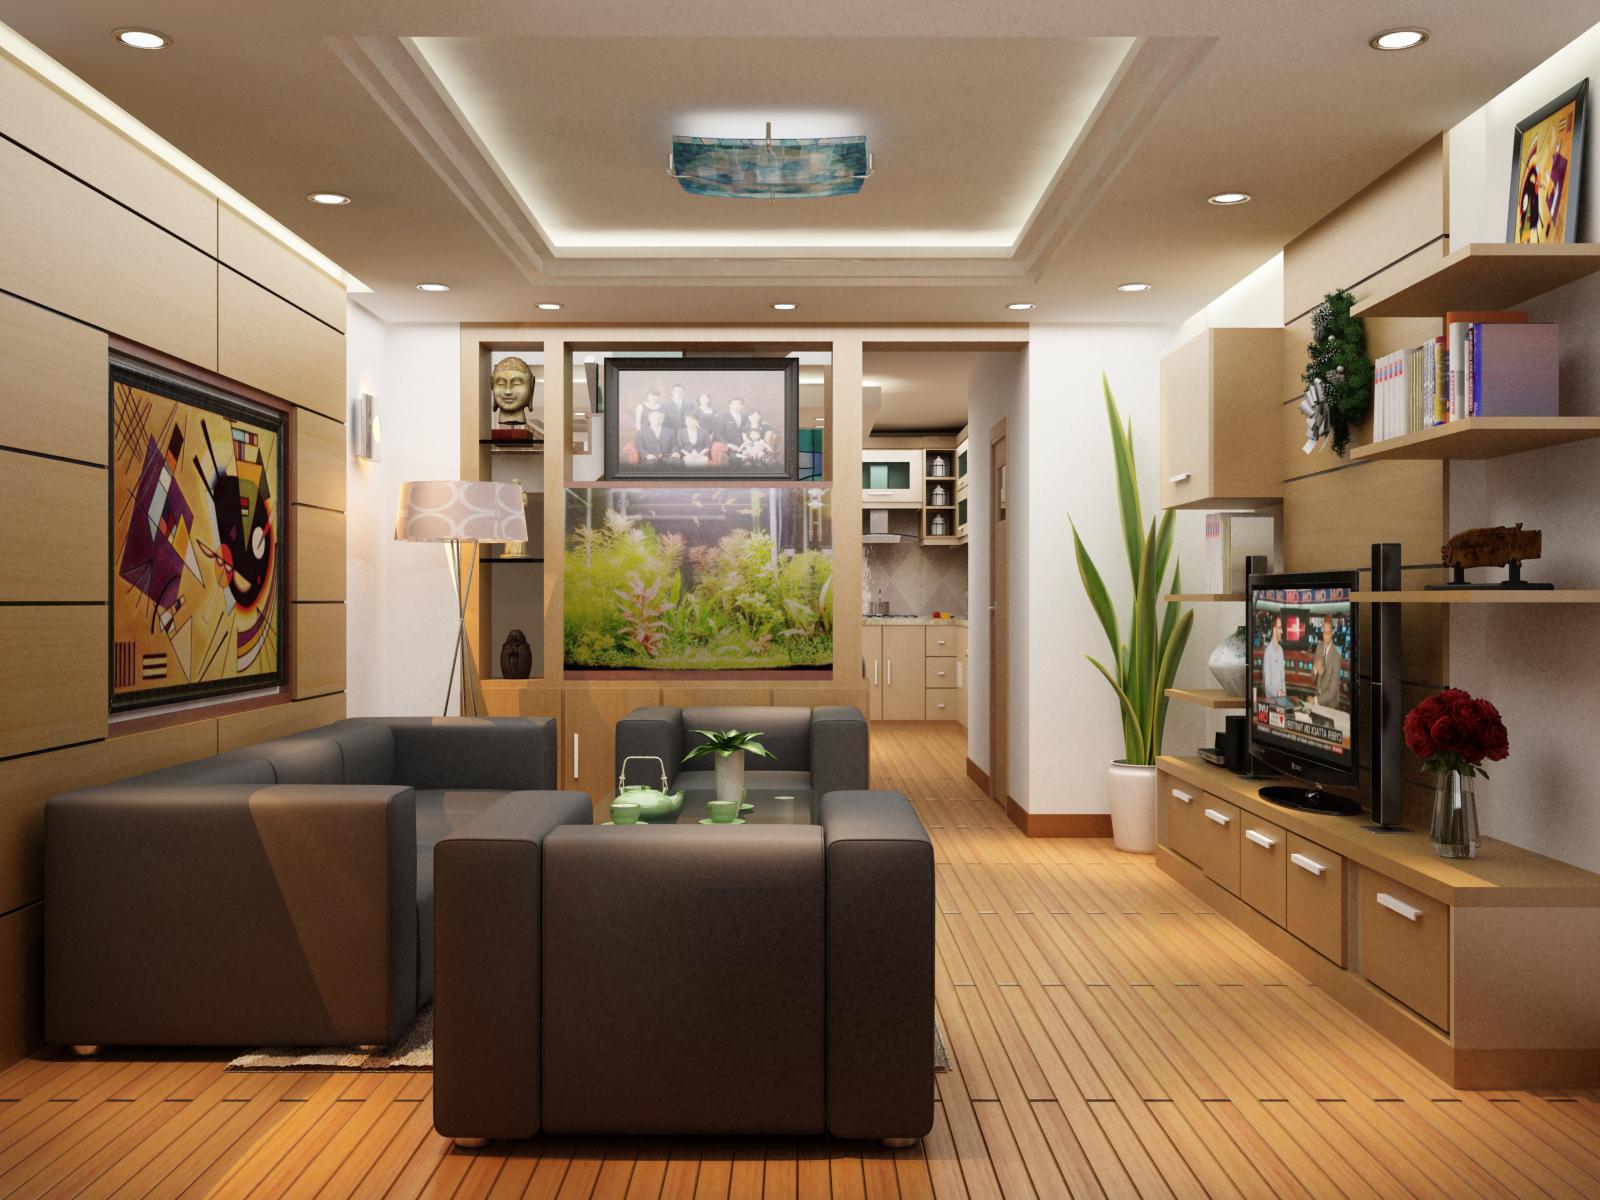 10 mẫu nội thất phòng khách cực đẹp